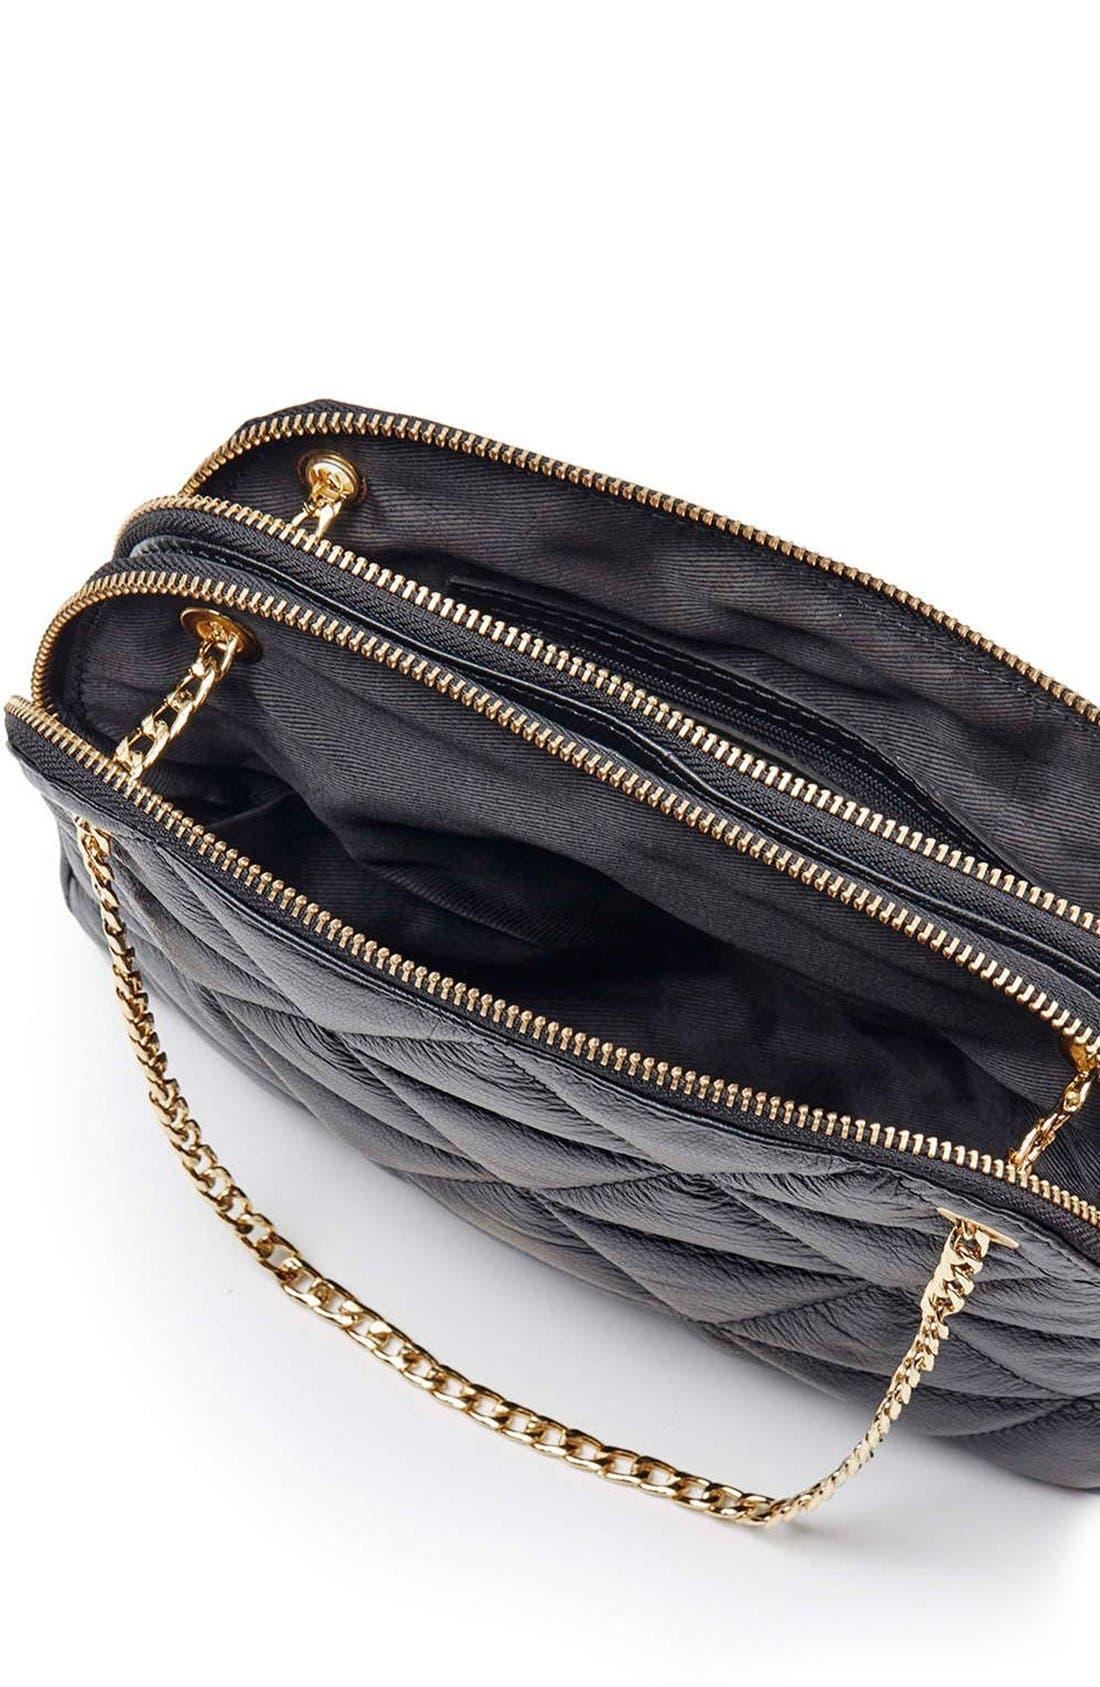 TOPSHOP, Quilted Leather Shoulder Bag, Alternate thumbnail 4, color, 001